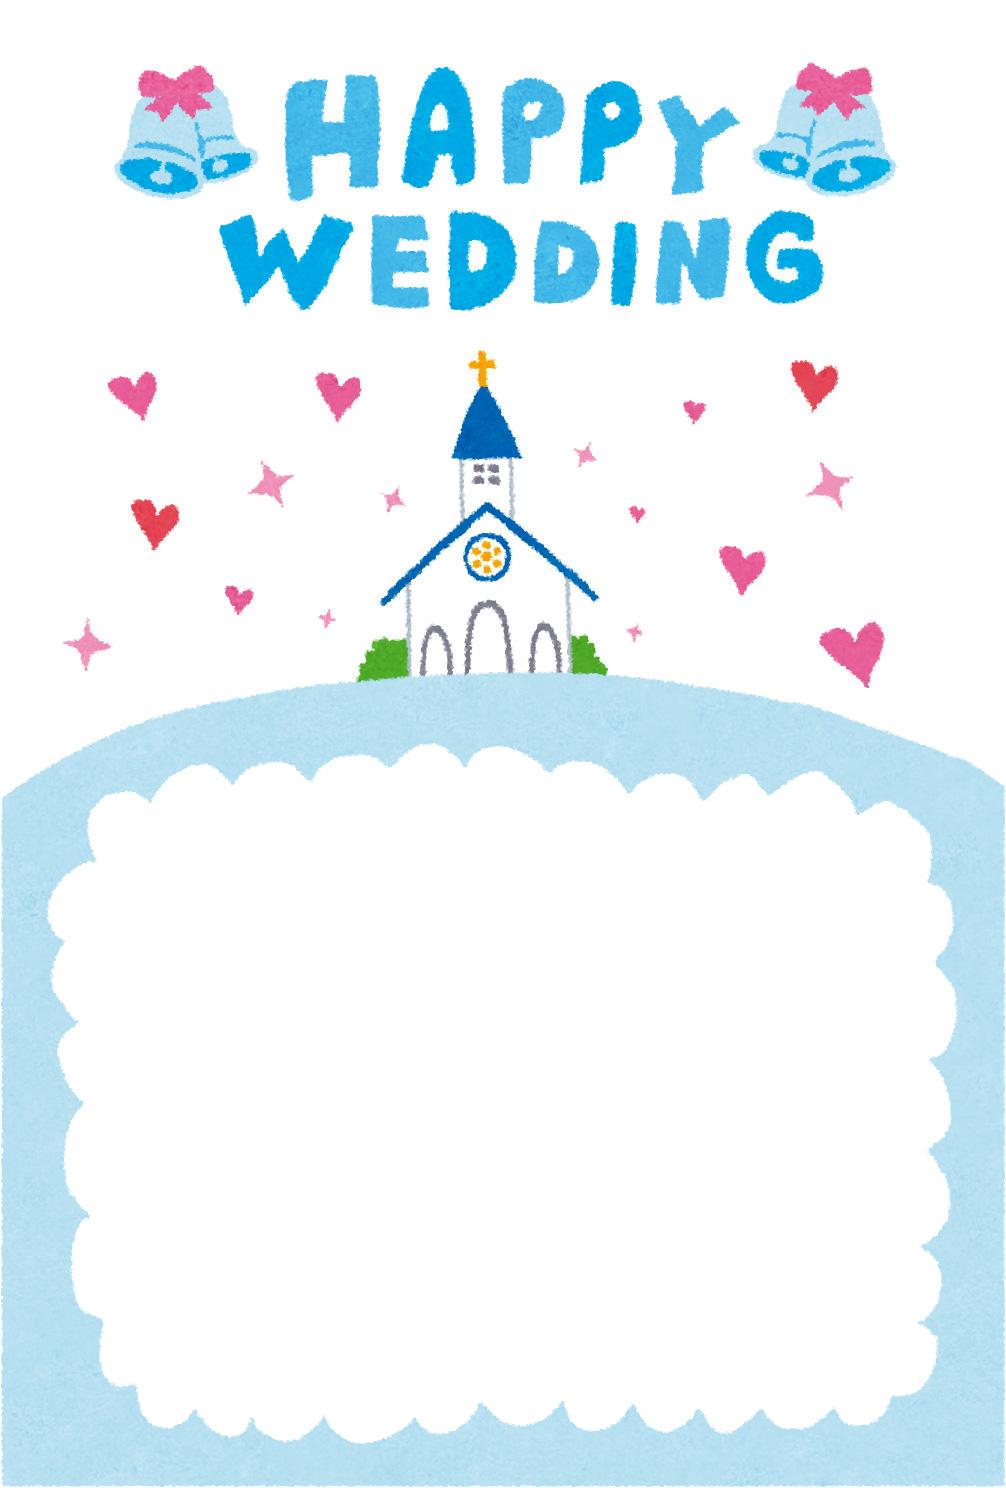 結婚祝いのテンプレート「チャペル」 | かわいいフリー素材集 いらすとや